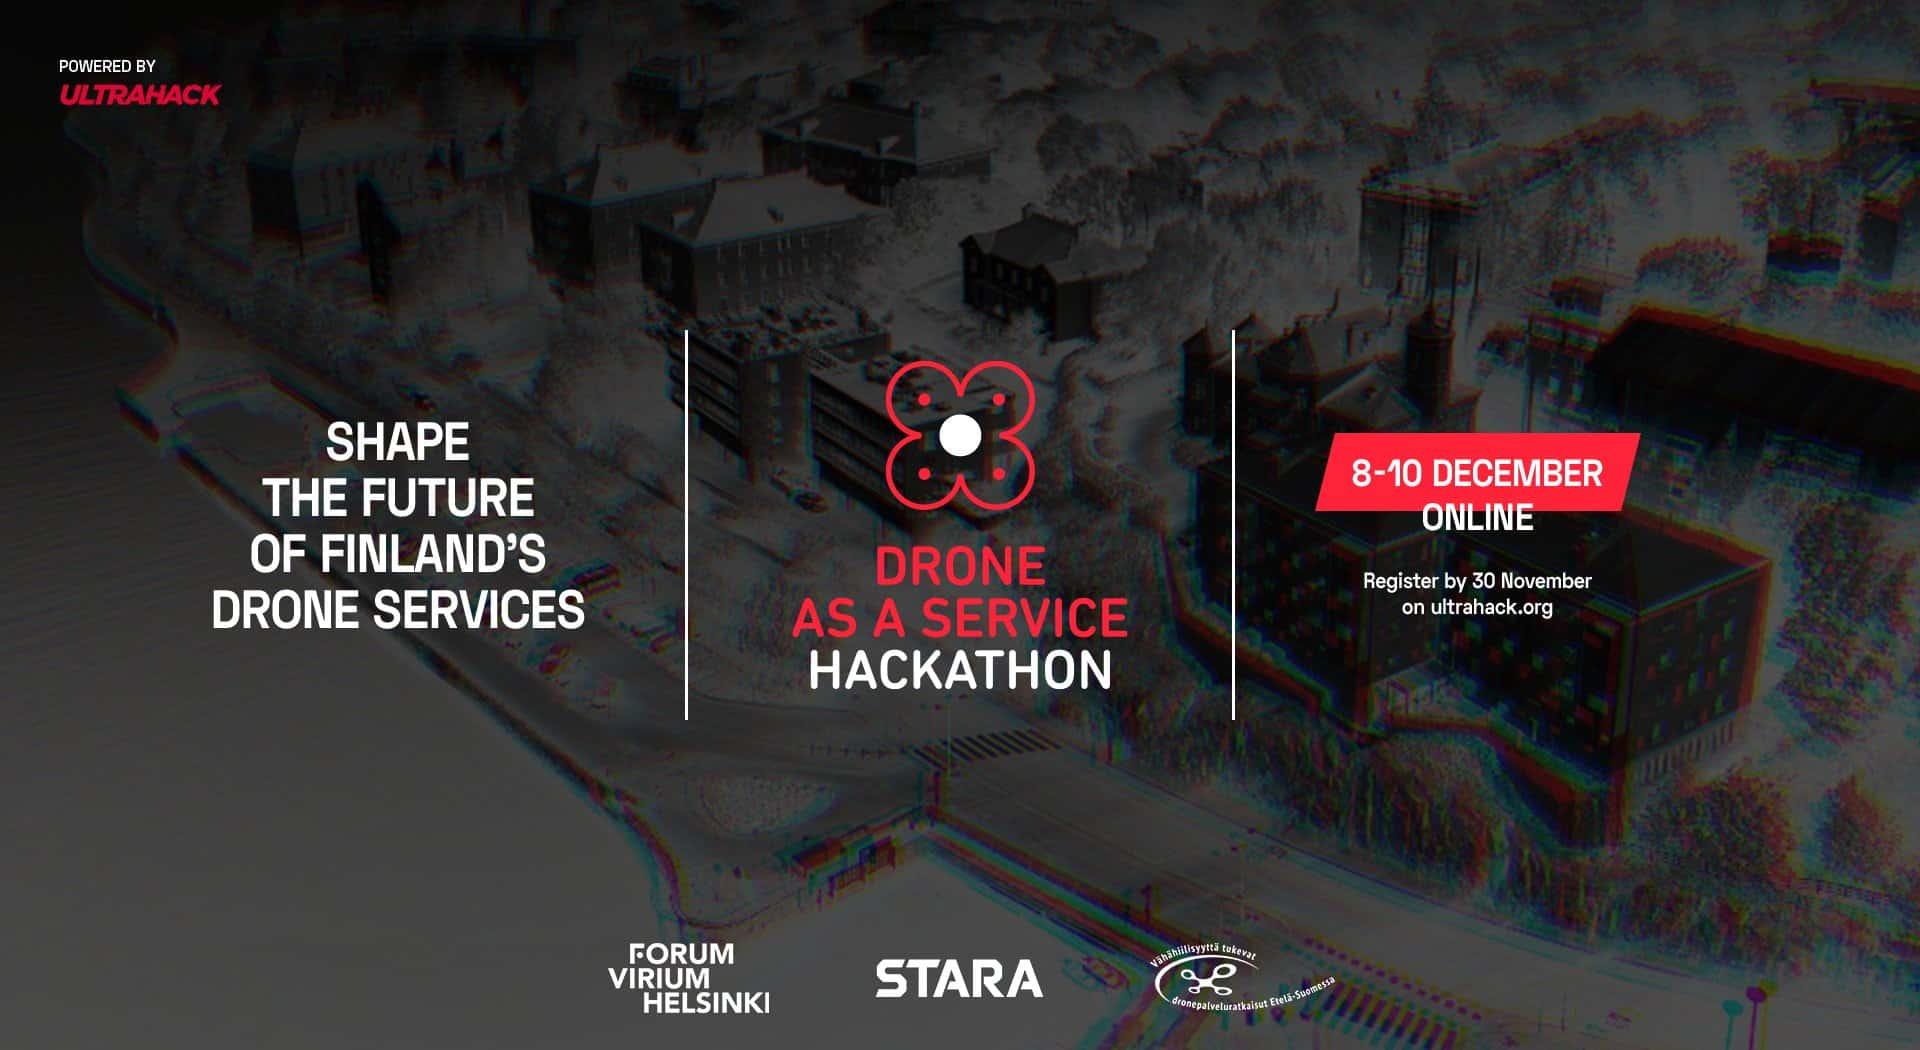 Drone As A Service Hackathonin mainos